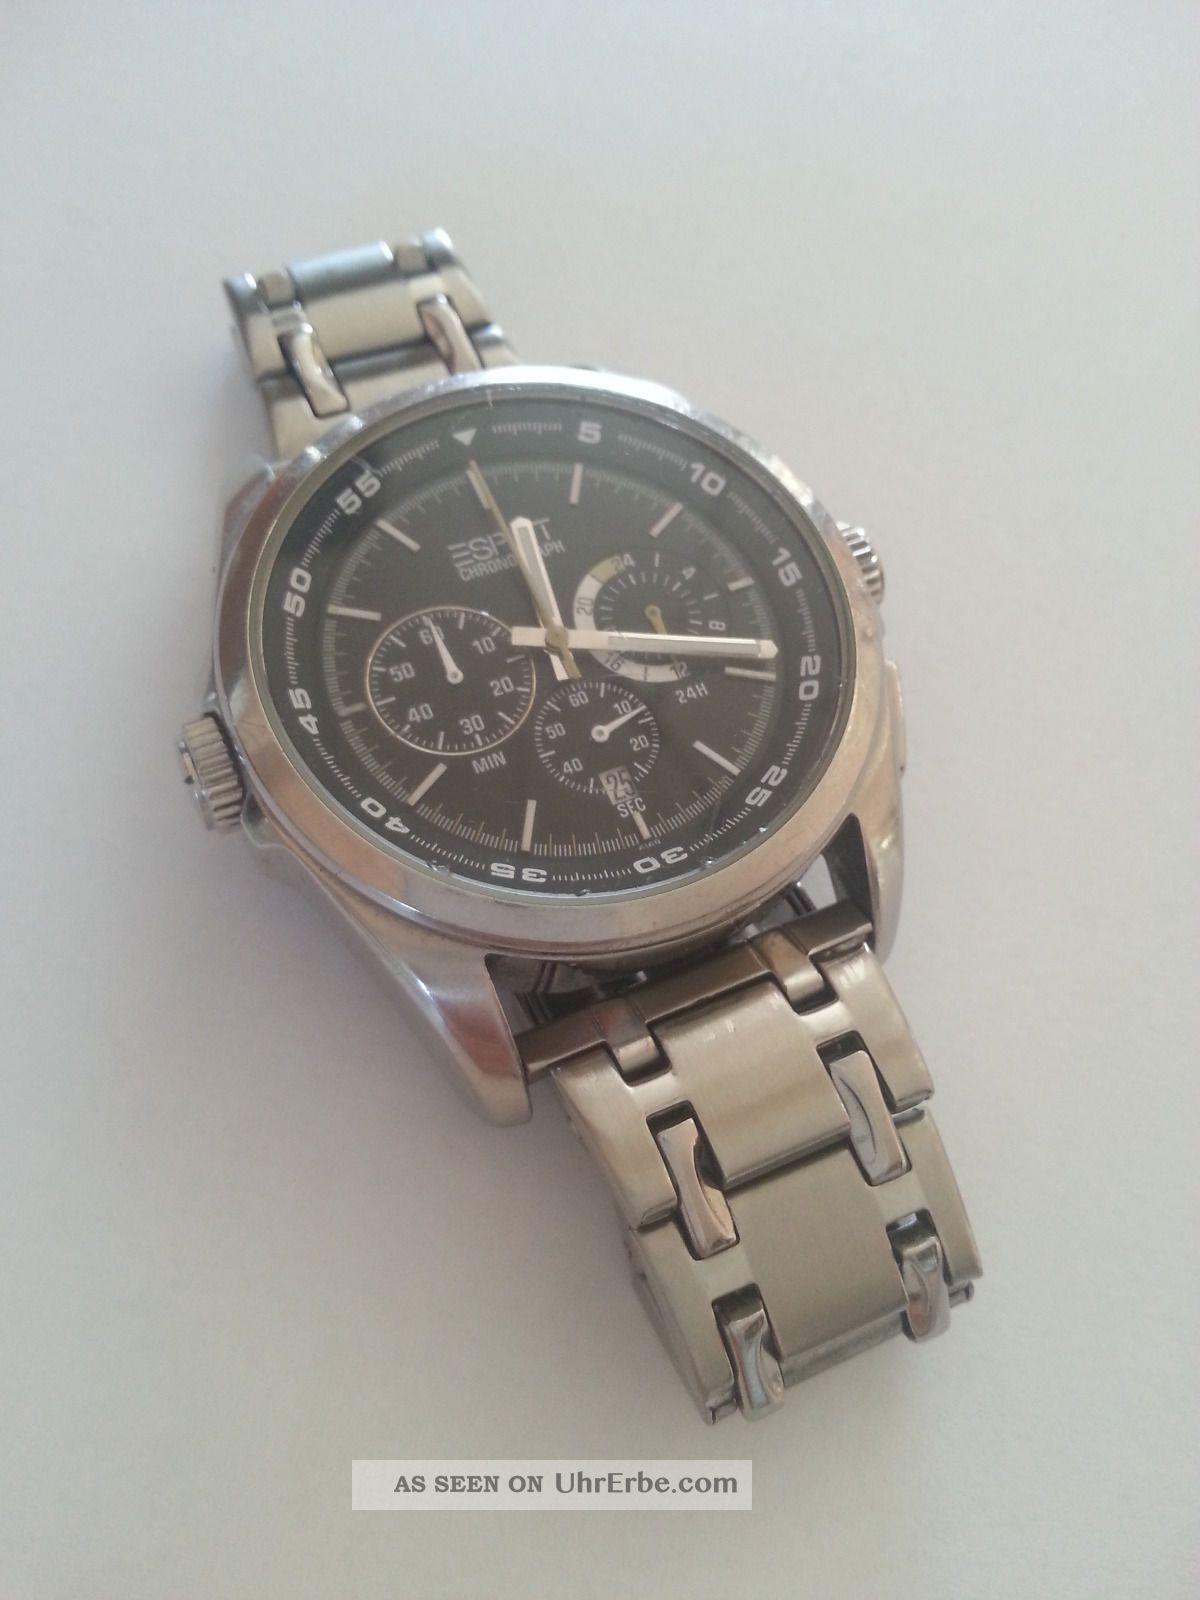 Esprit Chronograph Armbanduhr Herren Top Armbanduhren Bild